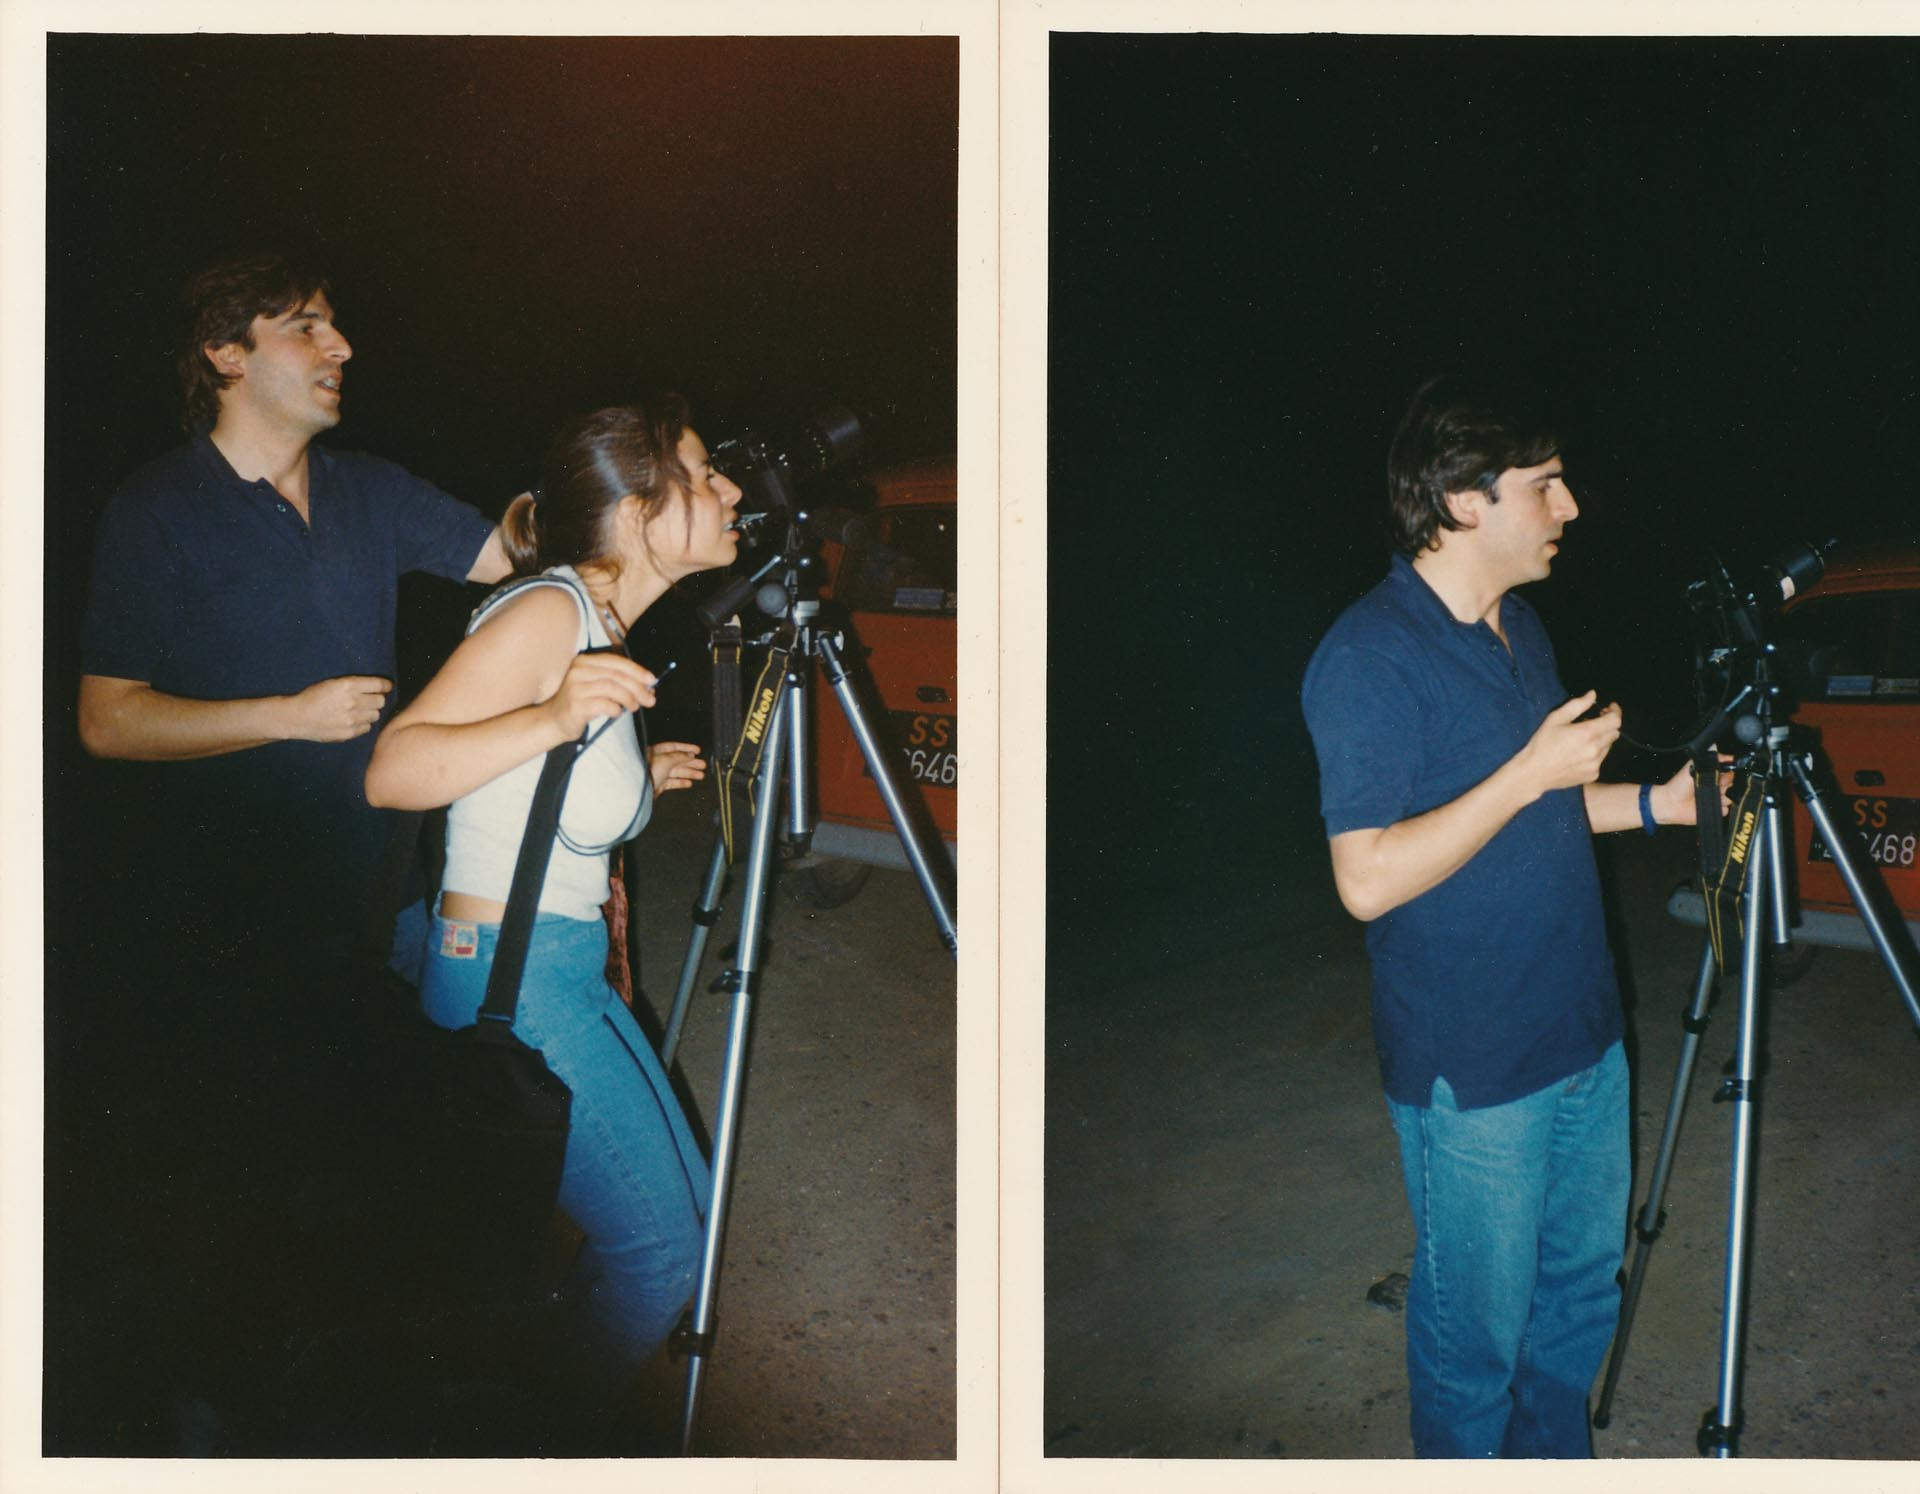 Shooting to the Moon, Workshop Alghero '97-'98